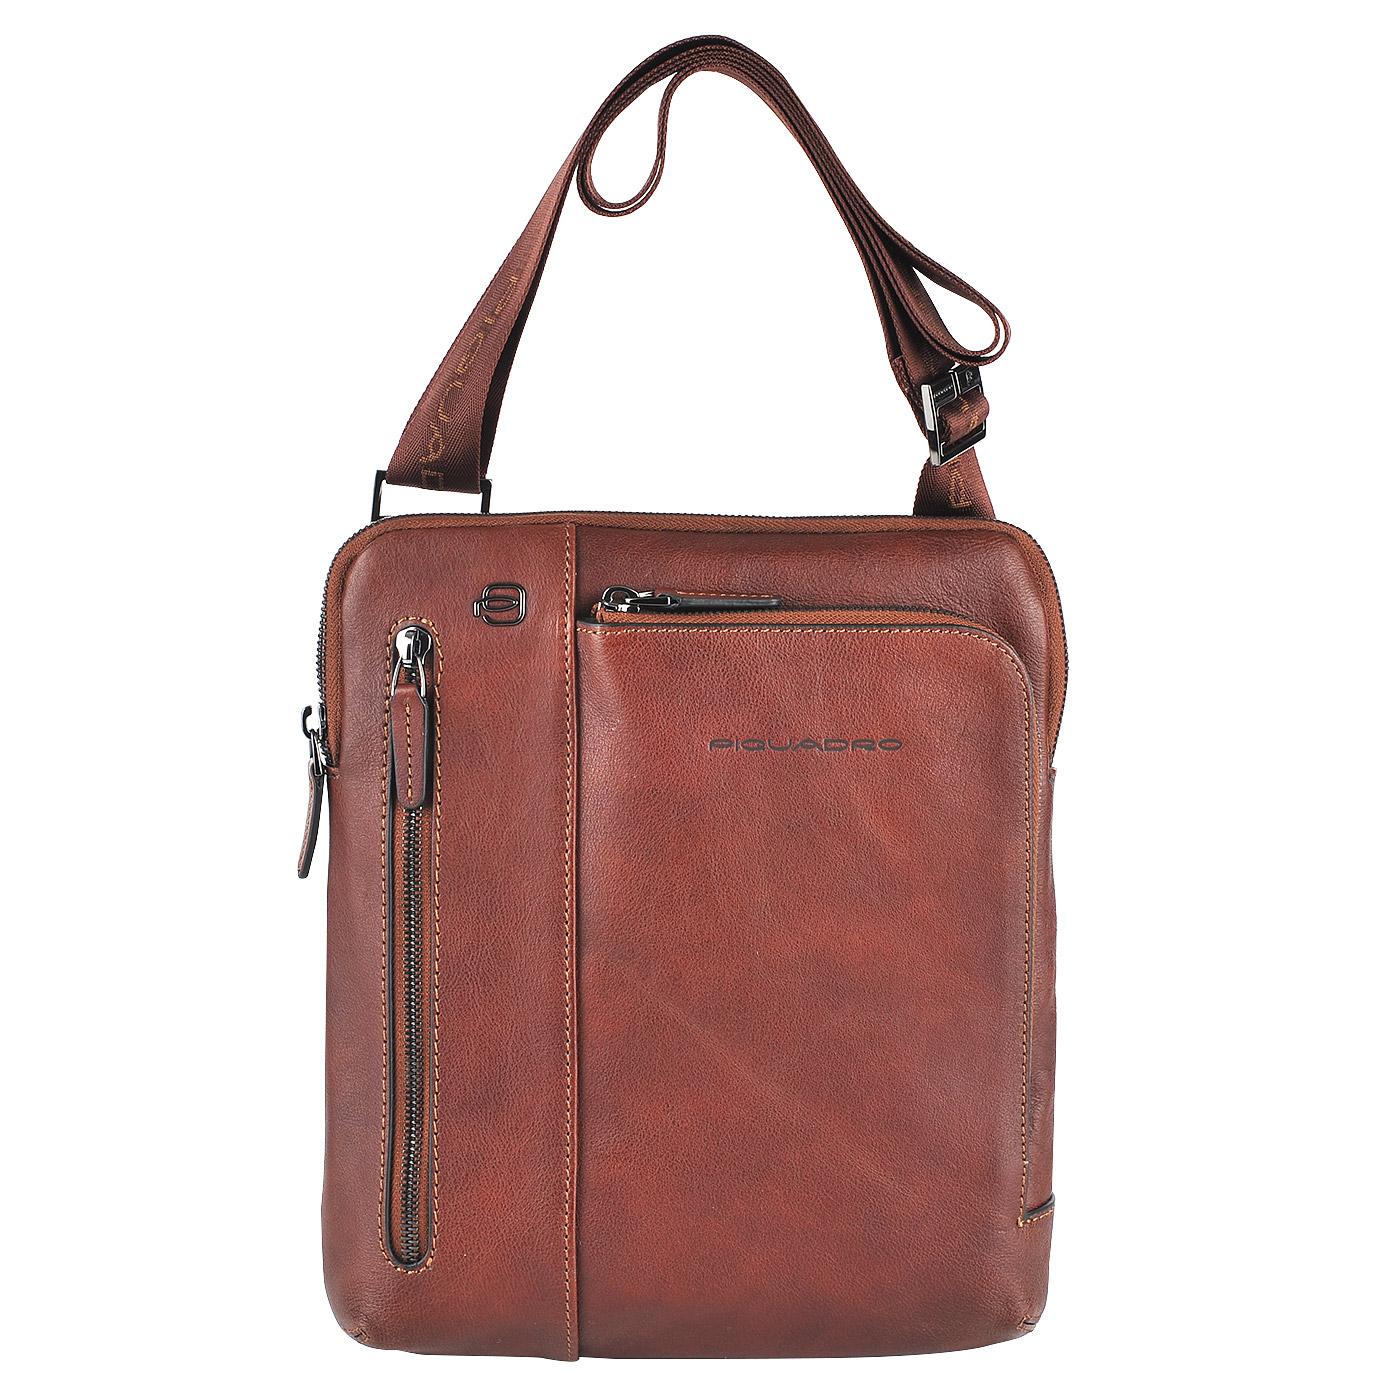 1ff63402ef62 Мужская кожаная сумка через плечо Piquadro Black square CA1816B3/CU -  2000557676404 коричневый натуральная кожа 24 x 26 Цена 16200 руб. купить в  ...